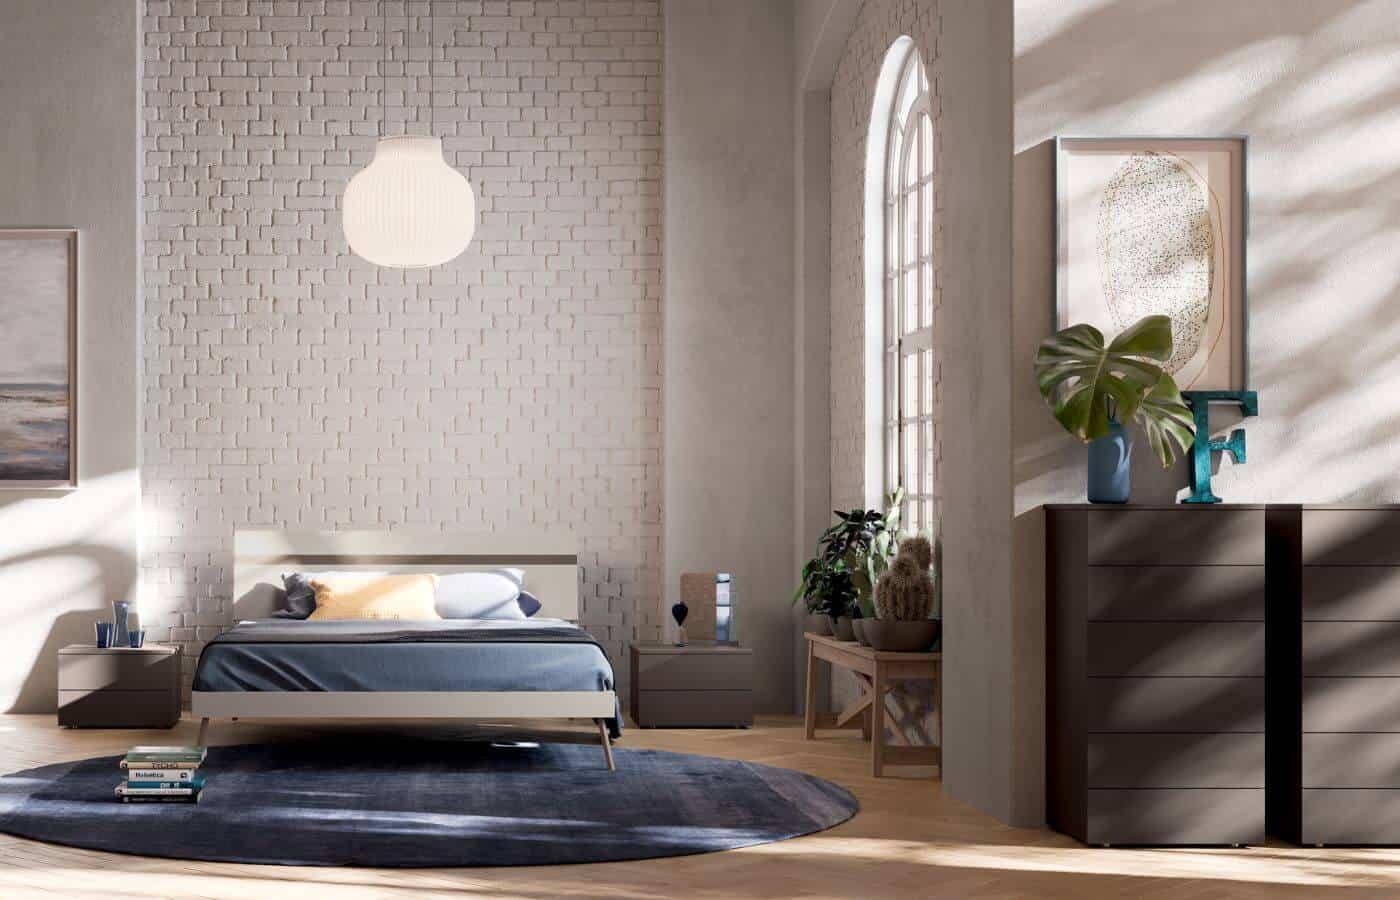 zona-notte-gruppo-letto-collezione-asturia-il-mobile (2)